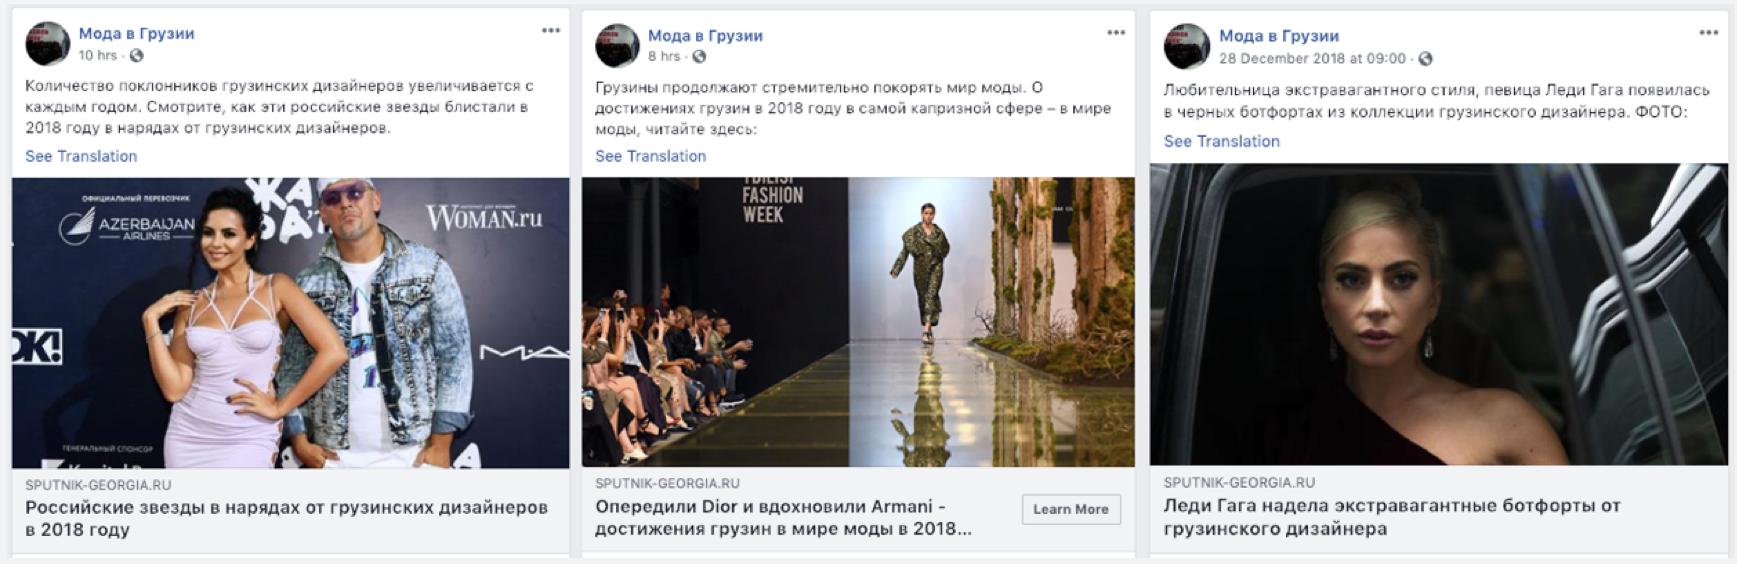 Artykuły Sputnika publikowane na gruzińskiej stronie facebookowej, poświęconej modzie